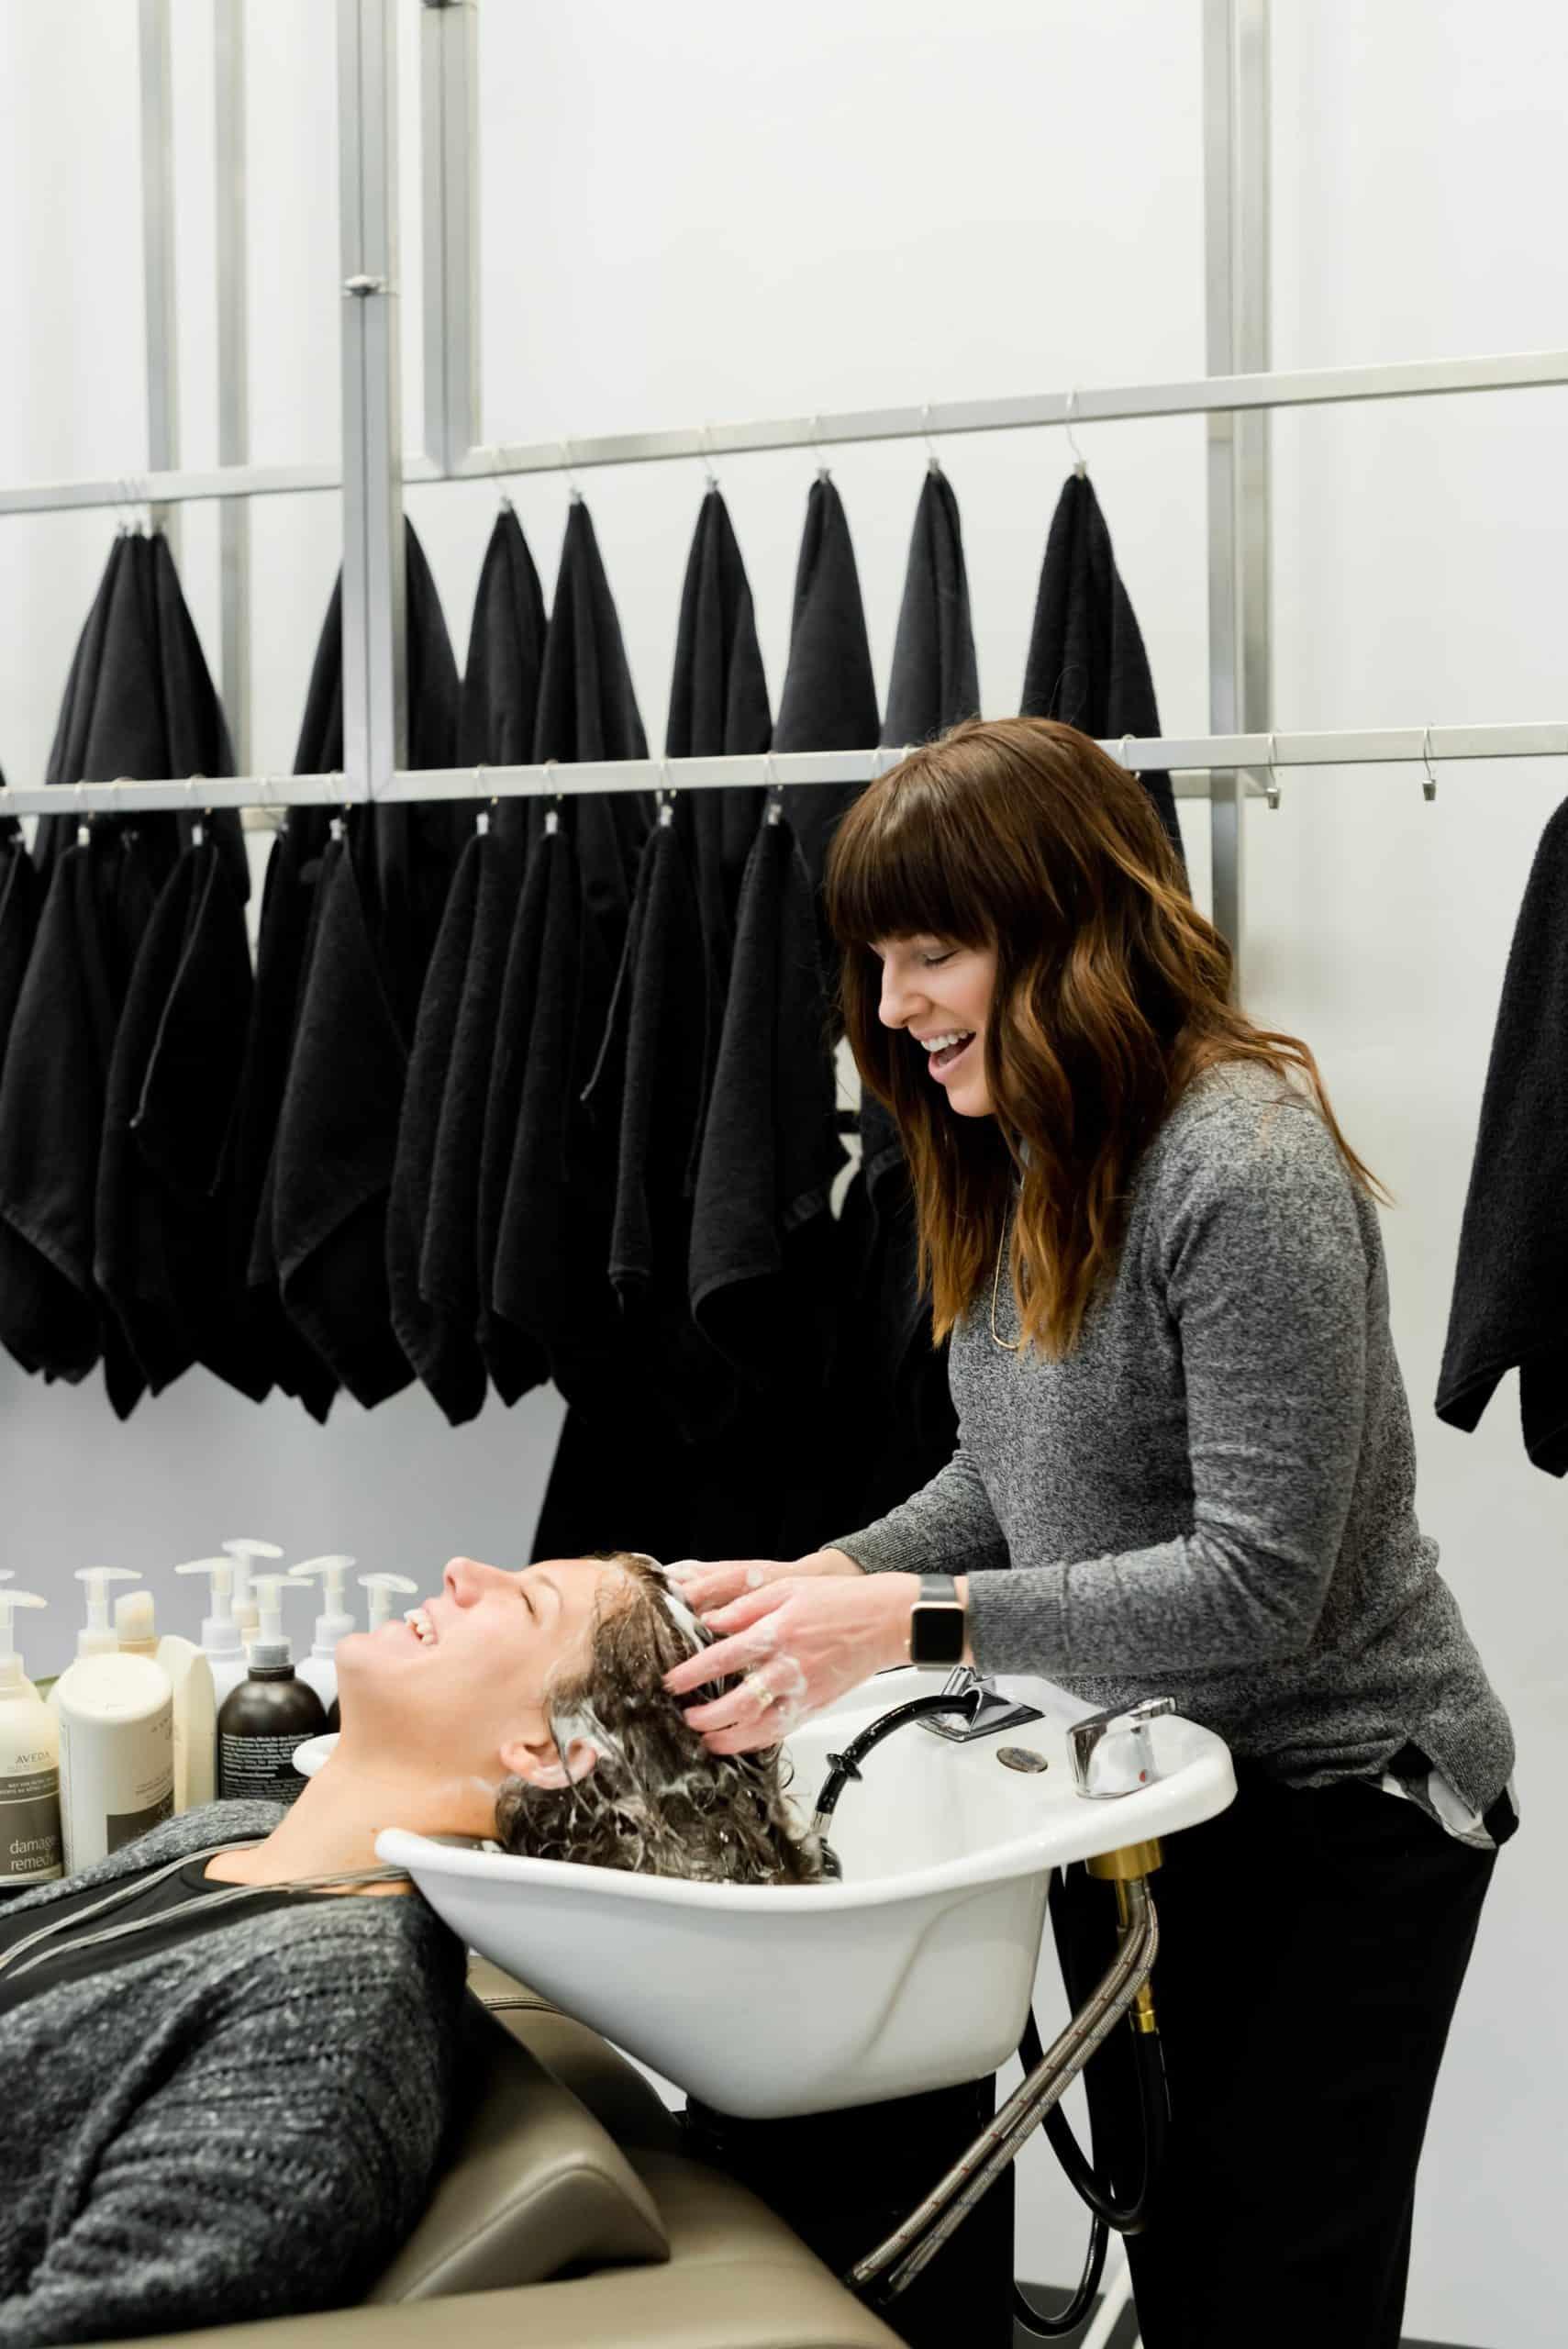 Start Salon Barber Shop Article Image